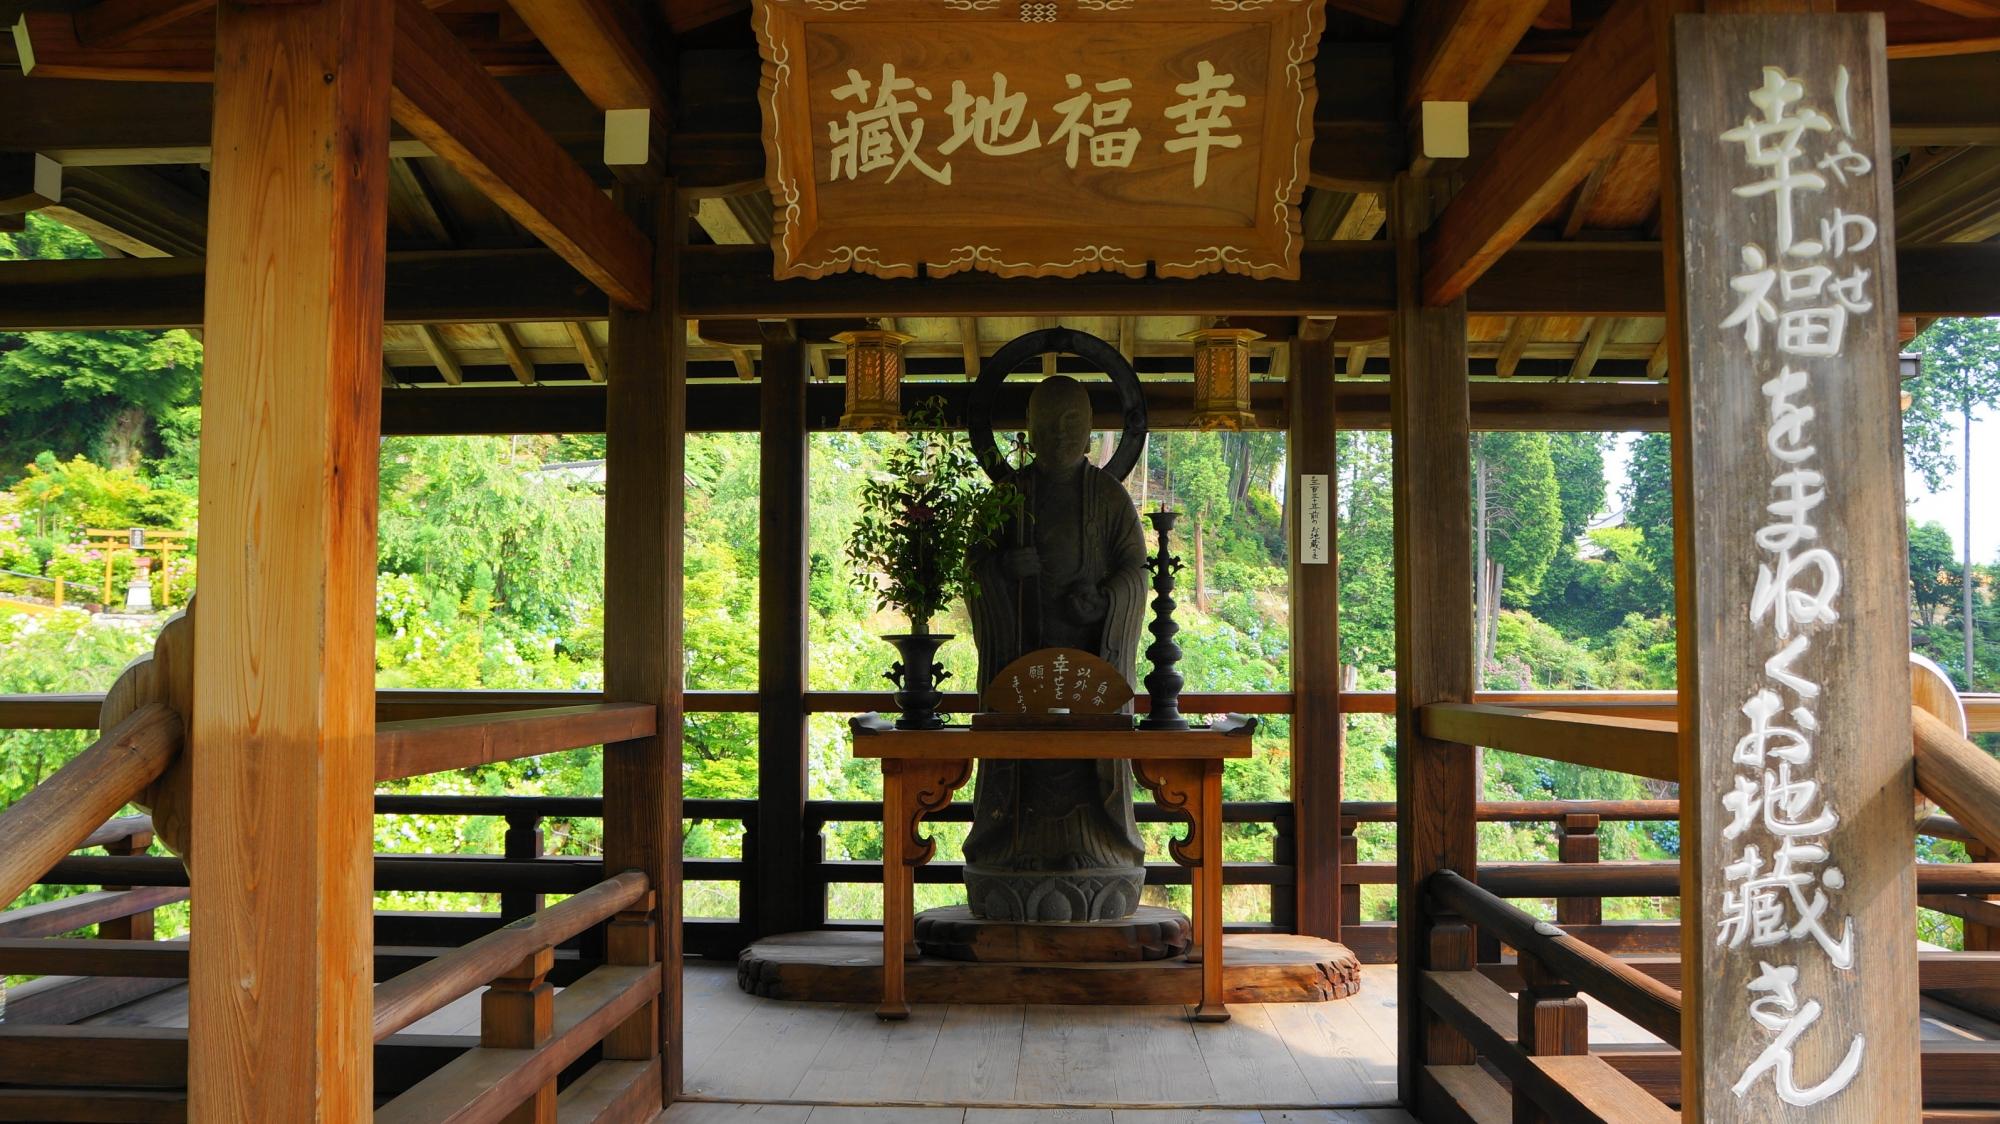 善峯寺のあじさい苑の中にある幸福地蔵